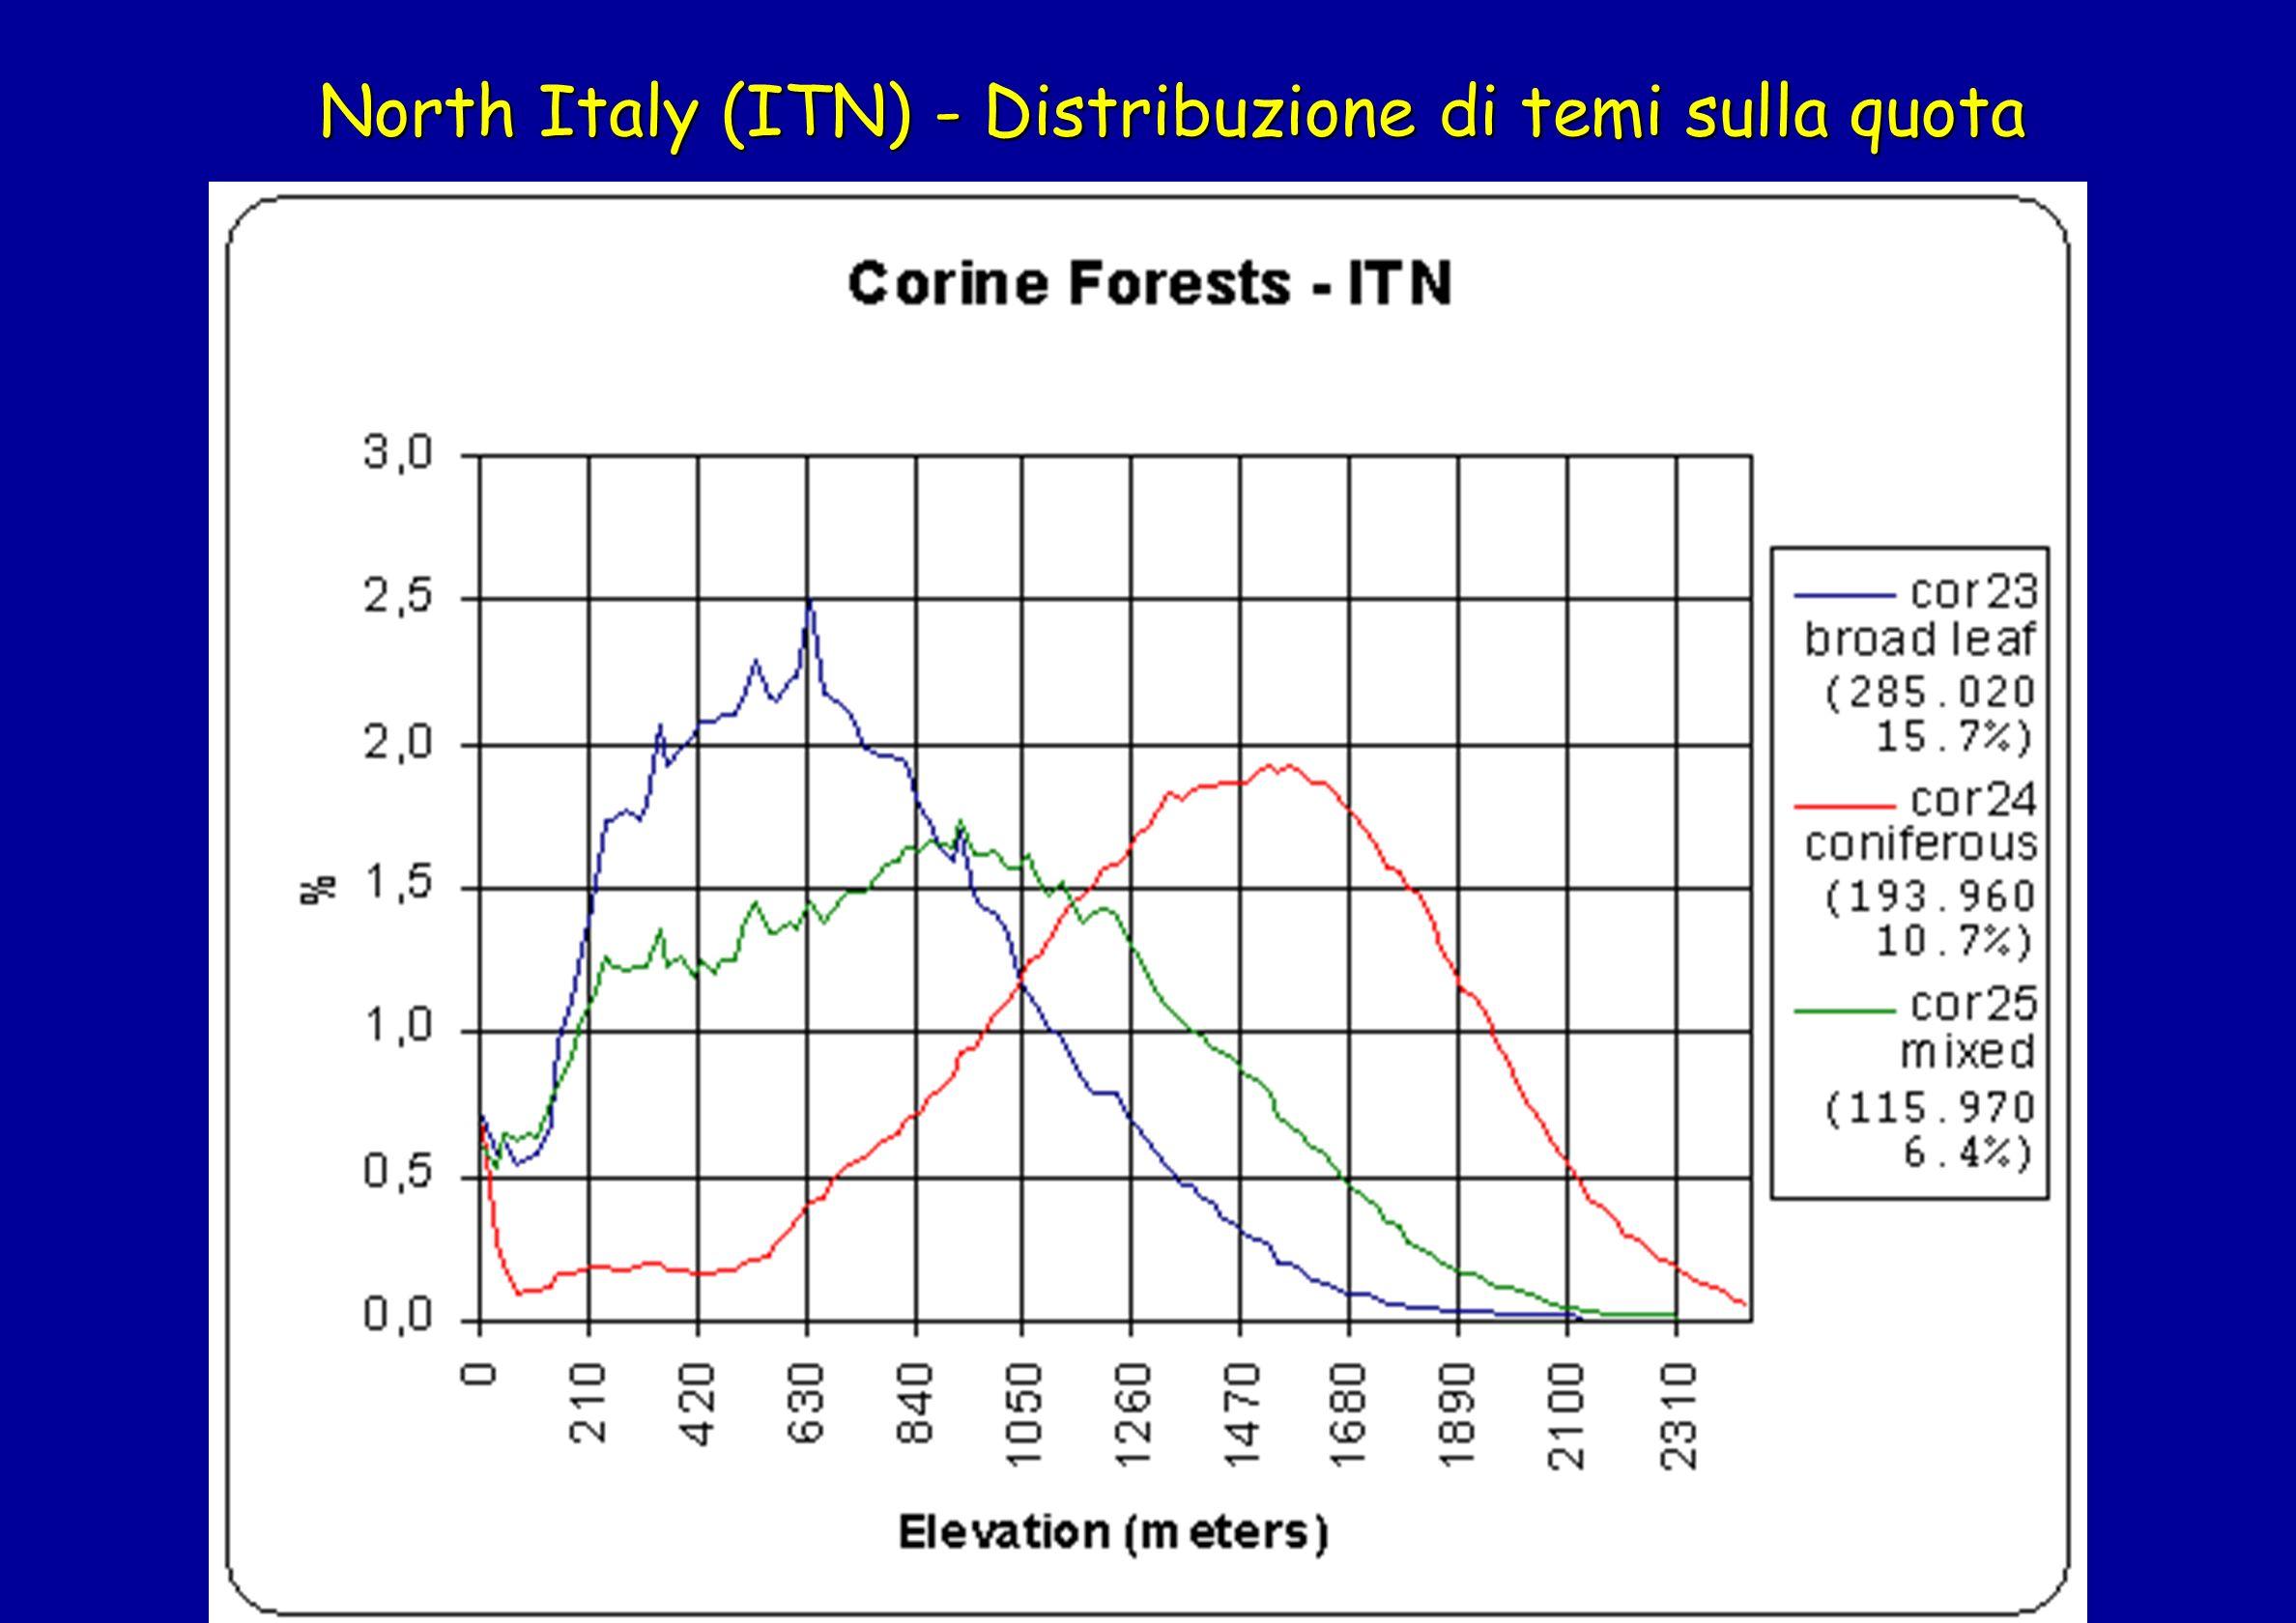 North Italy (ITN) - Distribuzione di temi sulla quota